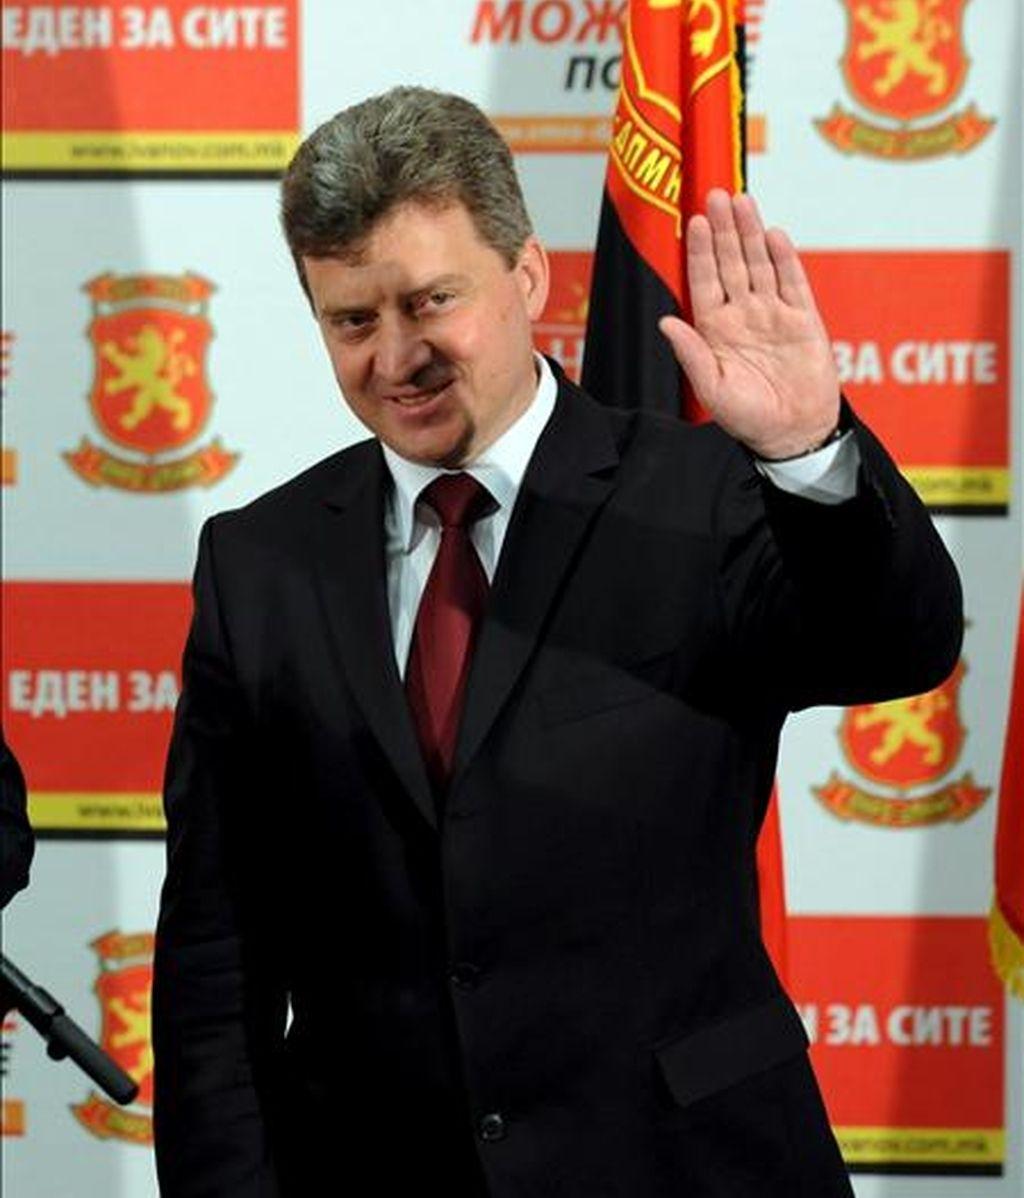 El candidato presidencial por el gobernante partido Organización Revolucionaria Macedonia del Interior (VMRO-DMPNE) celebra en Skopje (Macedonia), tras su victoria en las elecciones presidenciales y locales en el país. EFE